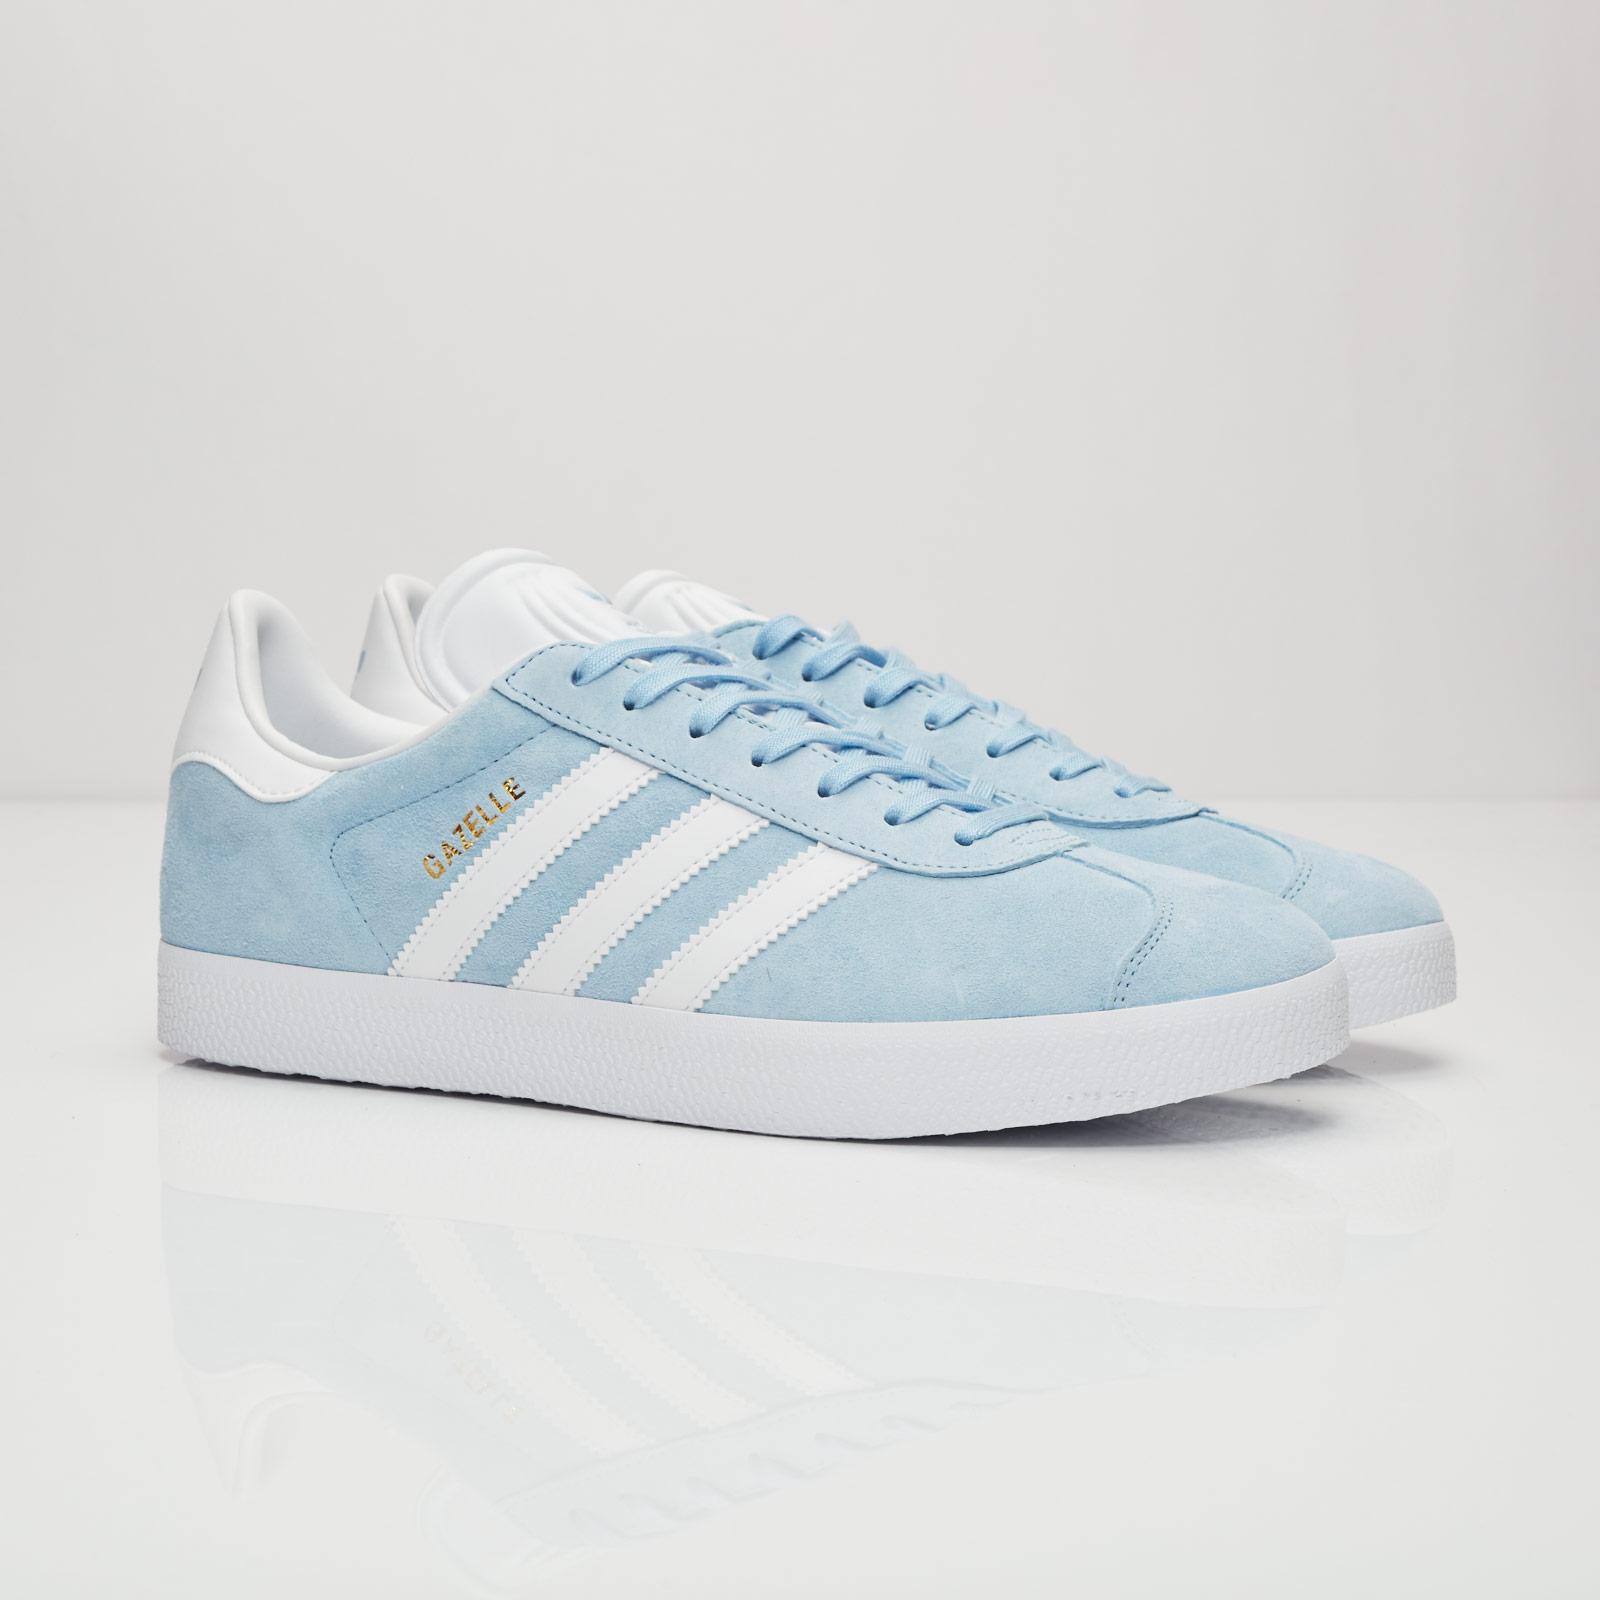 adidas Gazelle - Bb5481 - SNS | sneakers & streetwear online since ...